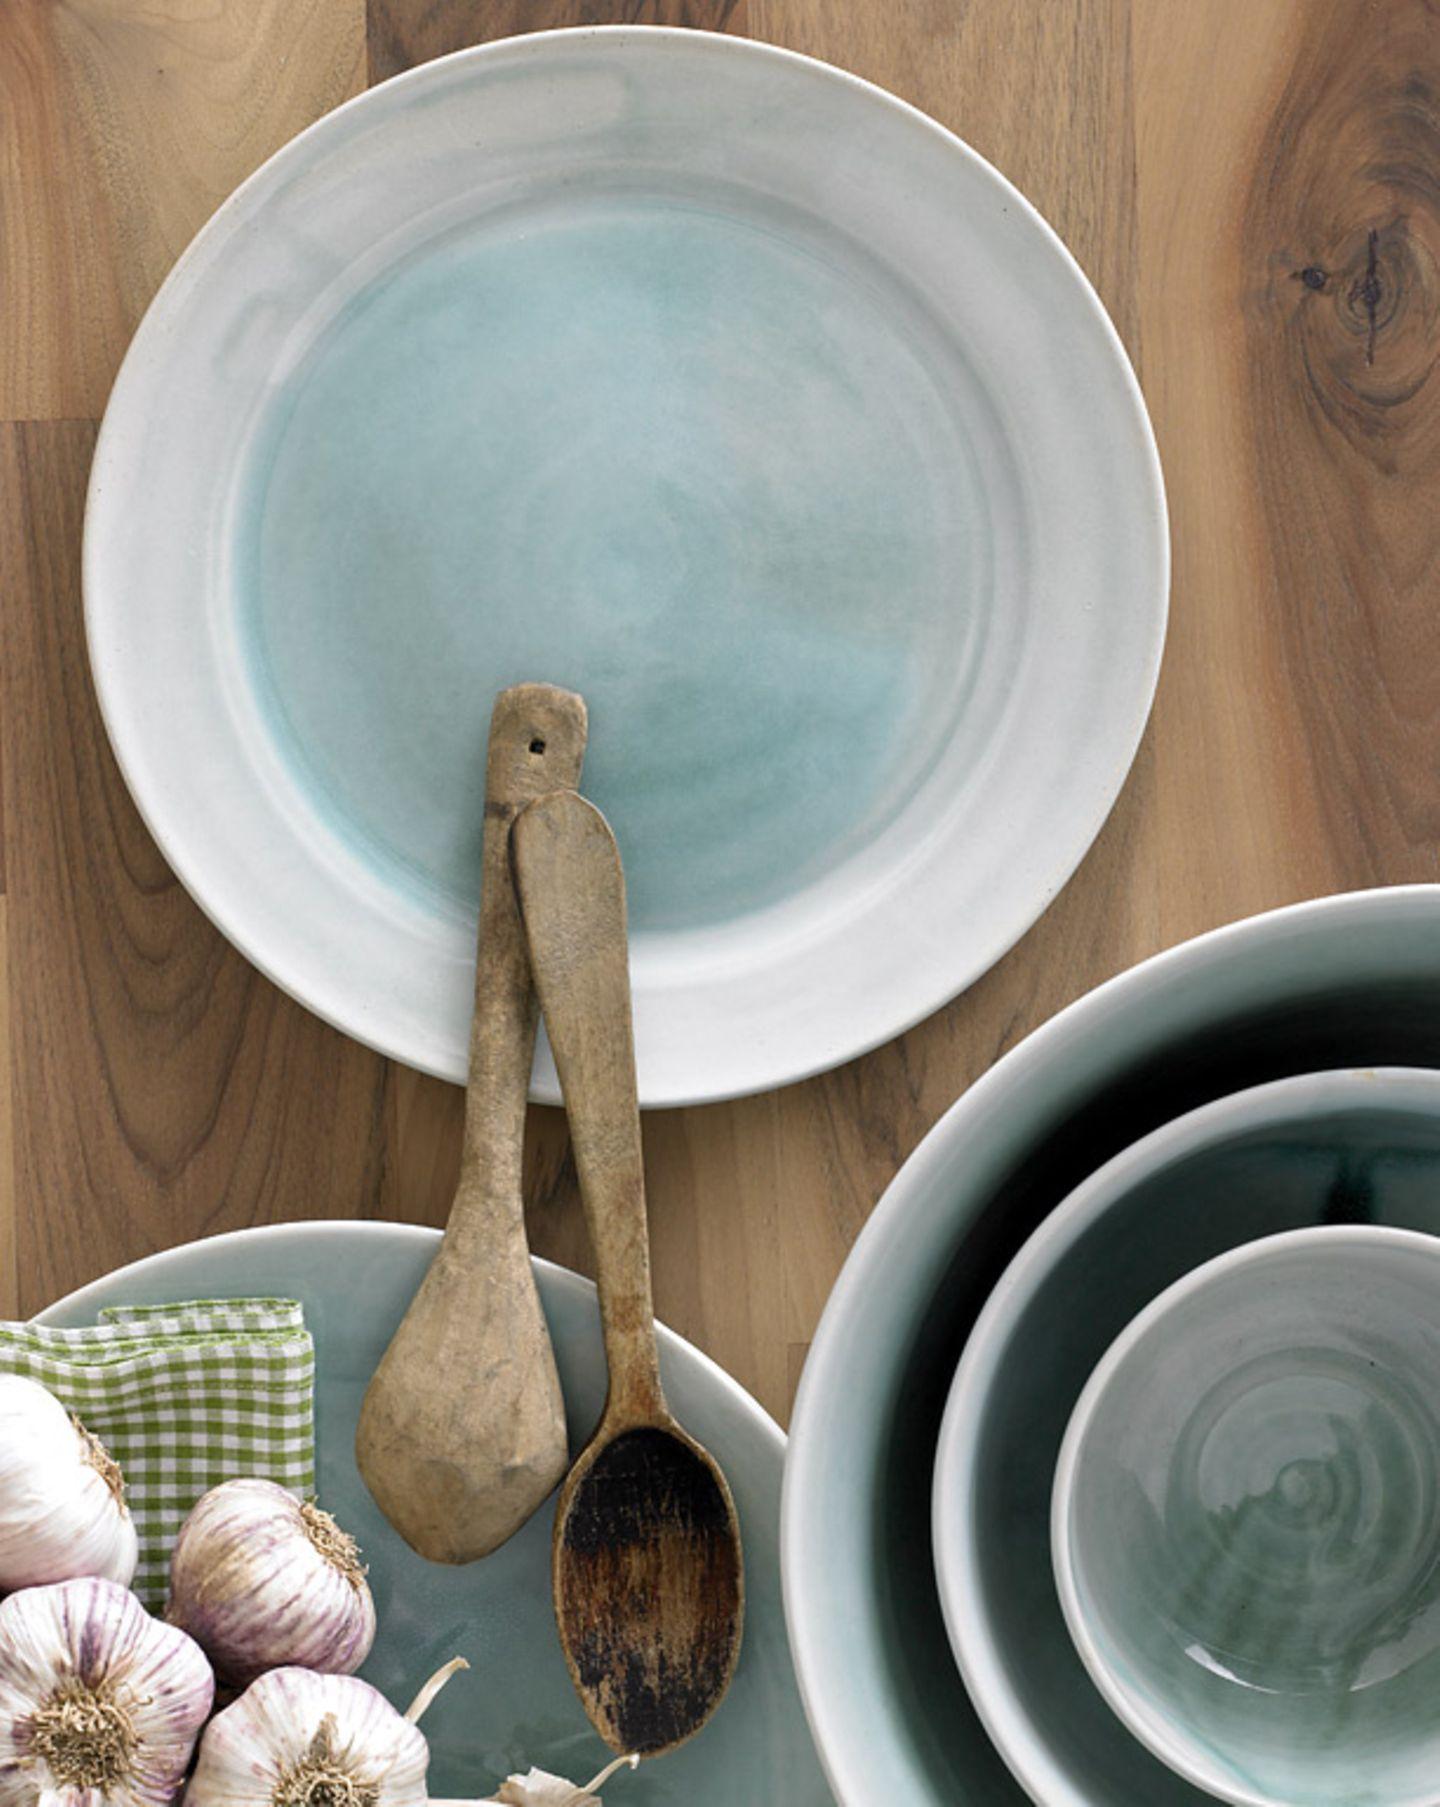 Handgefertigtes Keramikgeschirr von Melanie Follmer